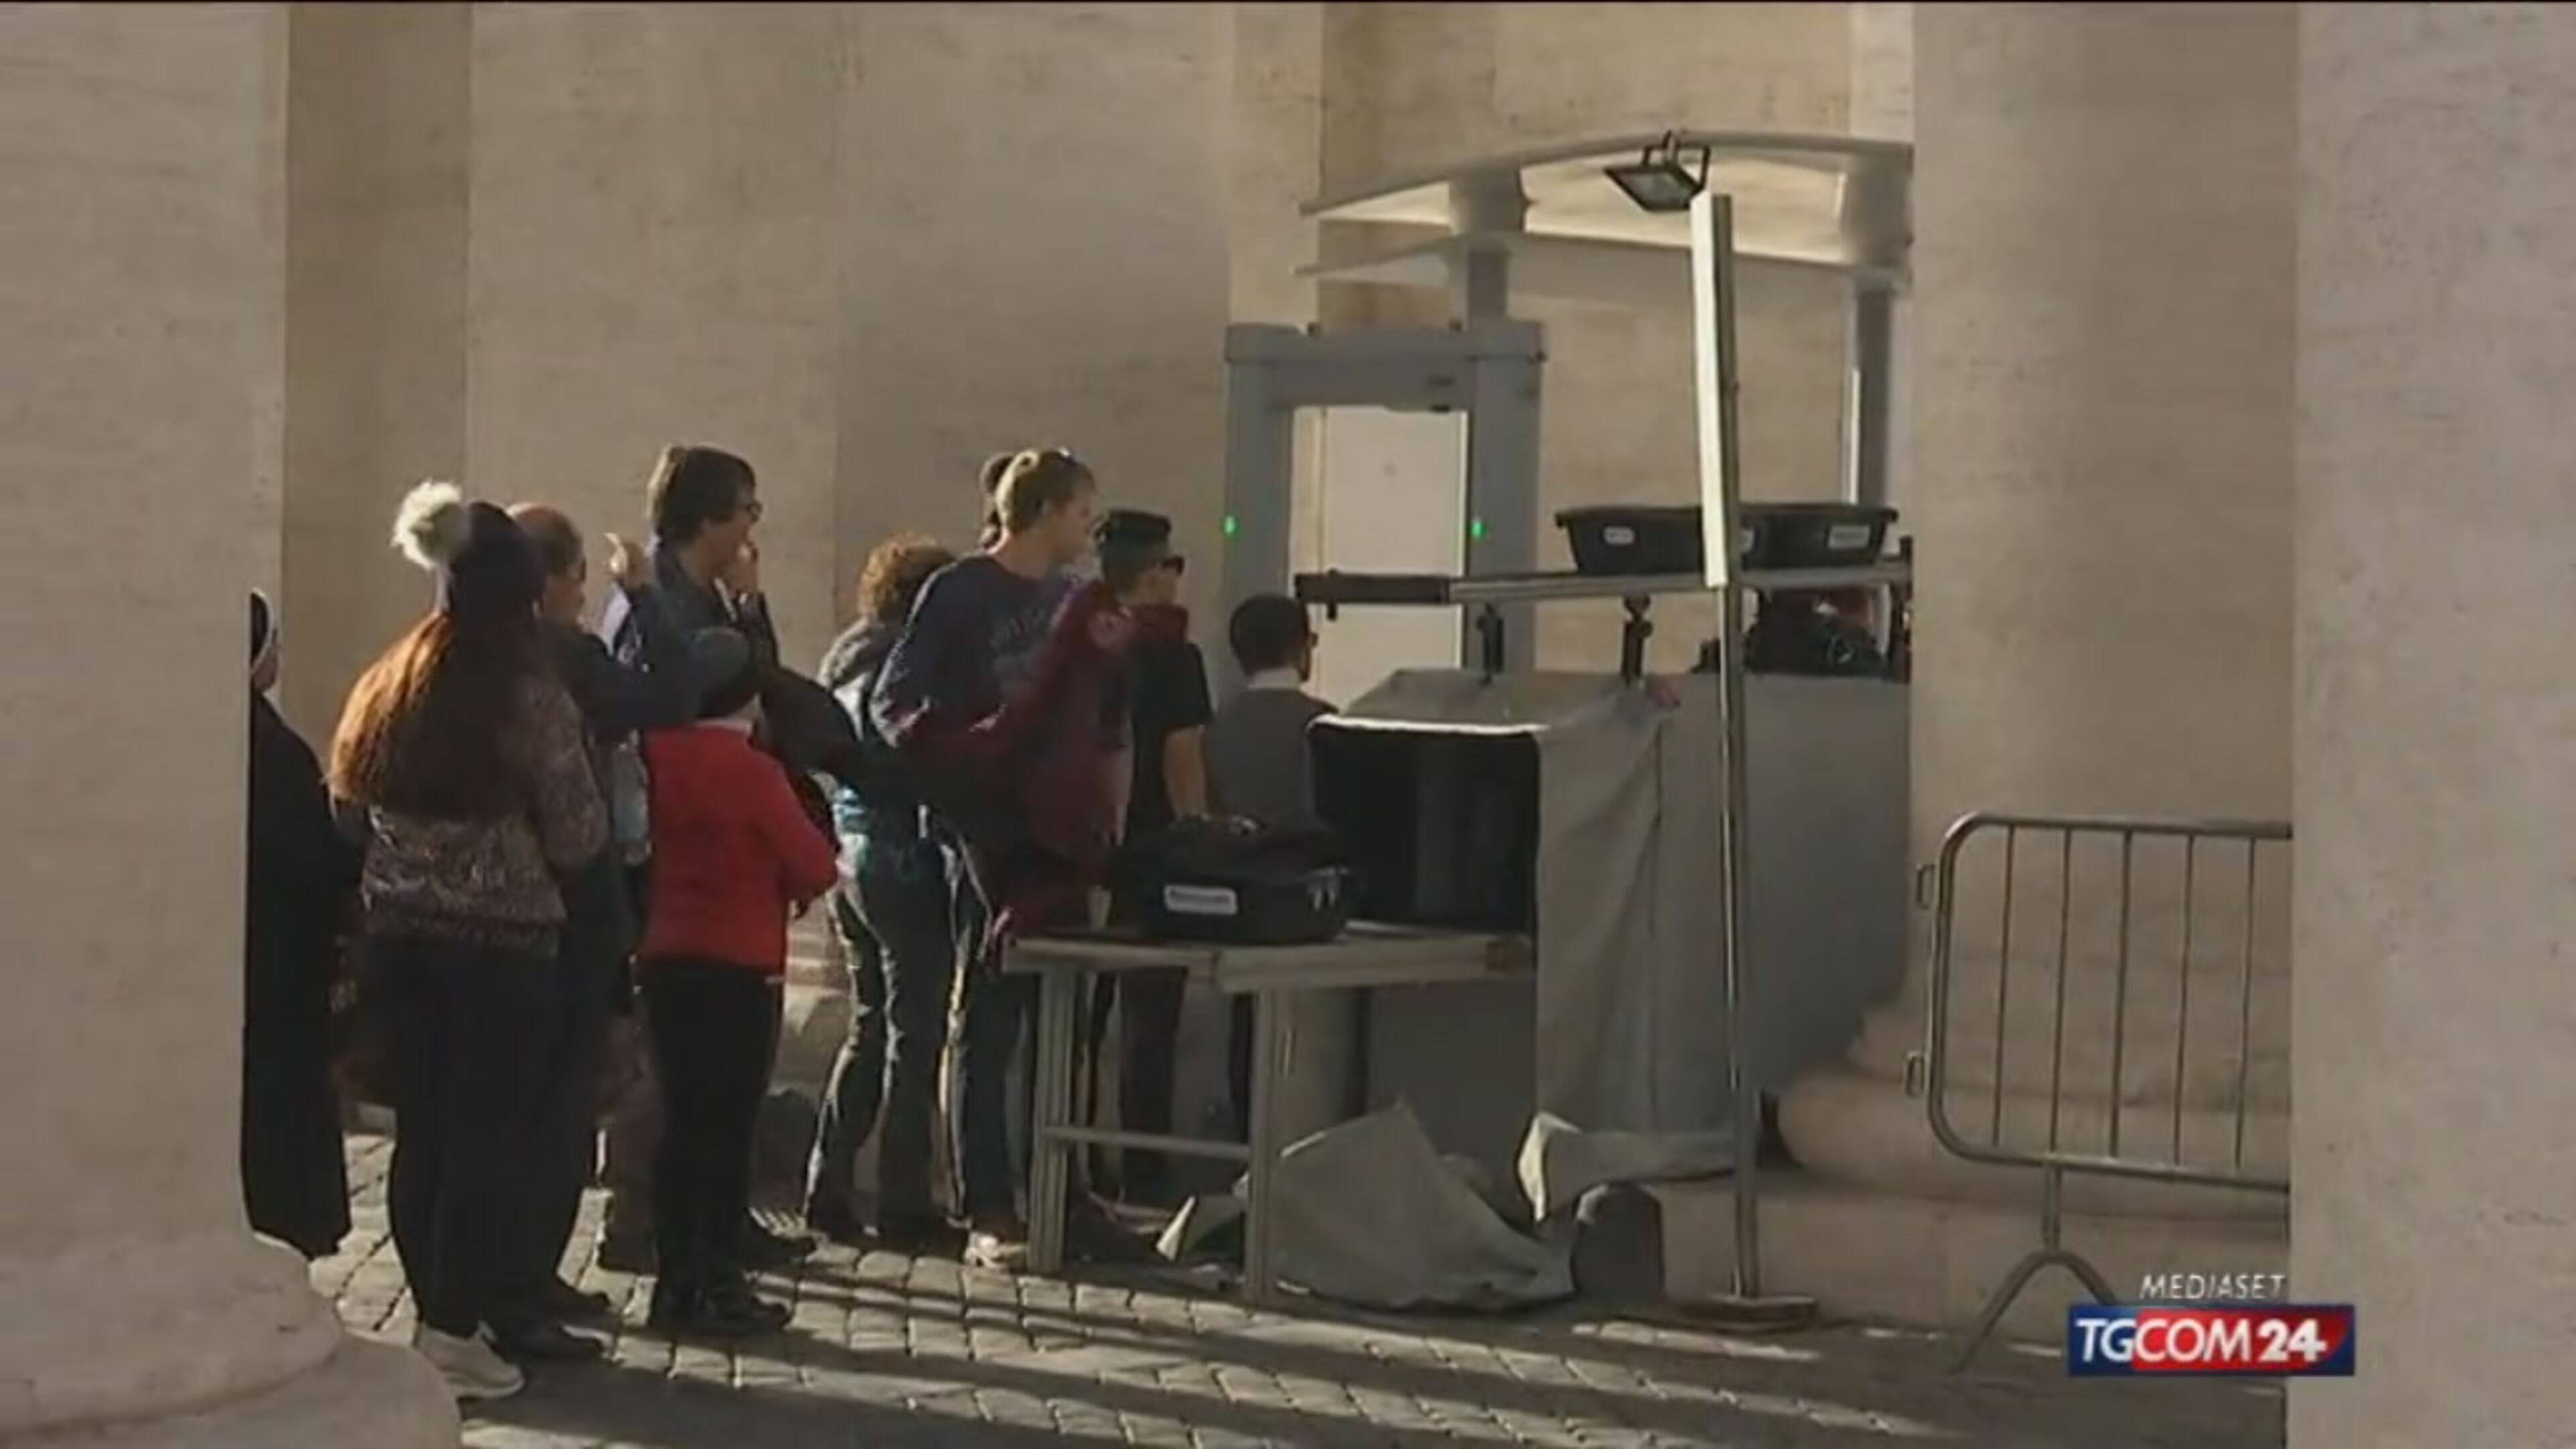 Video tgcom24 in italia sar un capodanno blindato for Aste giudiziarie milano ultimi arrivi